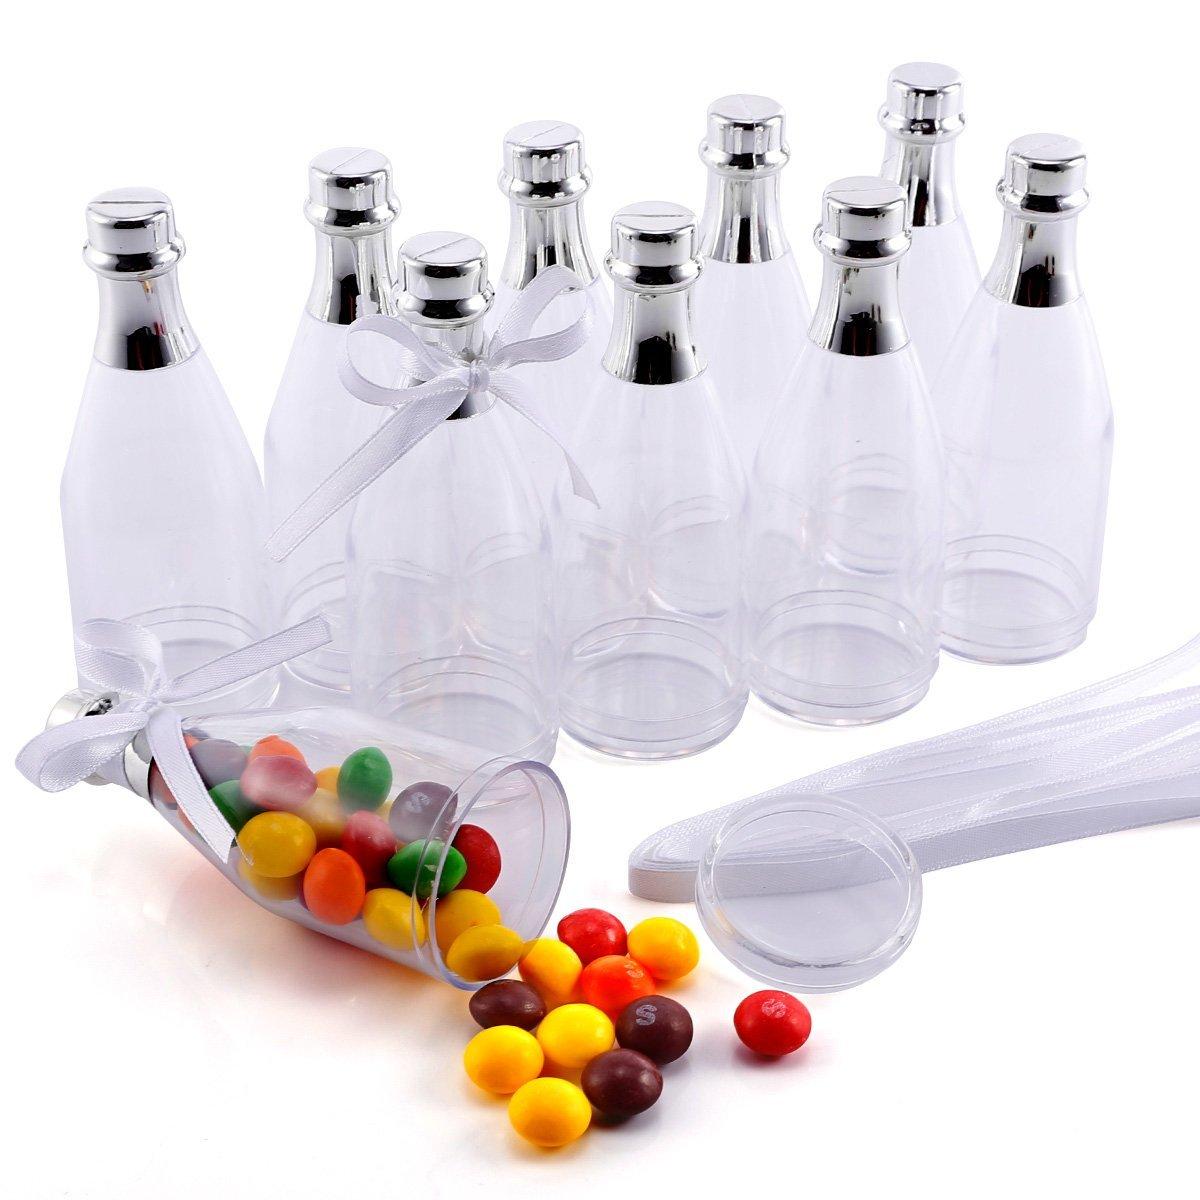 CLE DE TOUS - 10 mini Botellas de plástico de Regalo Cajas para Dulces Bombones para Boda Cumpleaños Bautizo Baby Shower Graduación Navidad: Amazon.es: Hogar